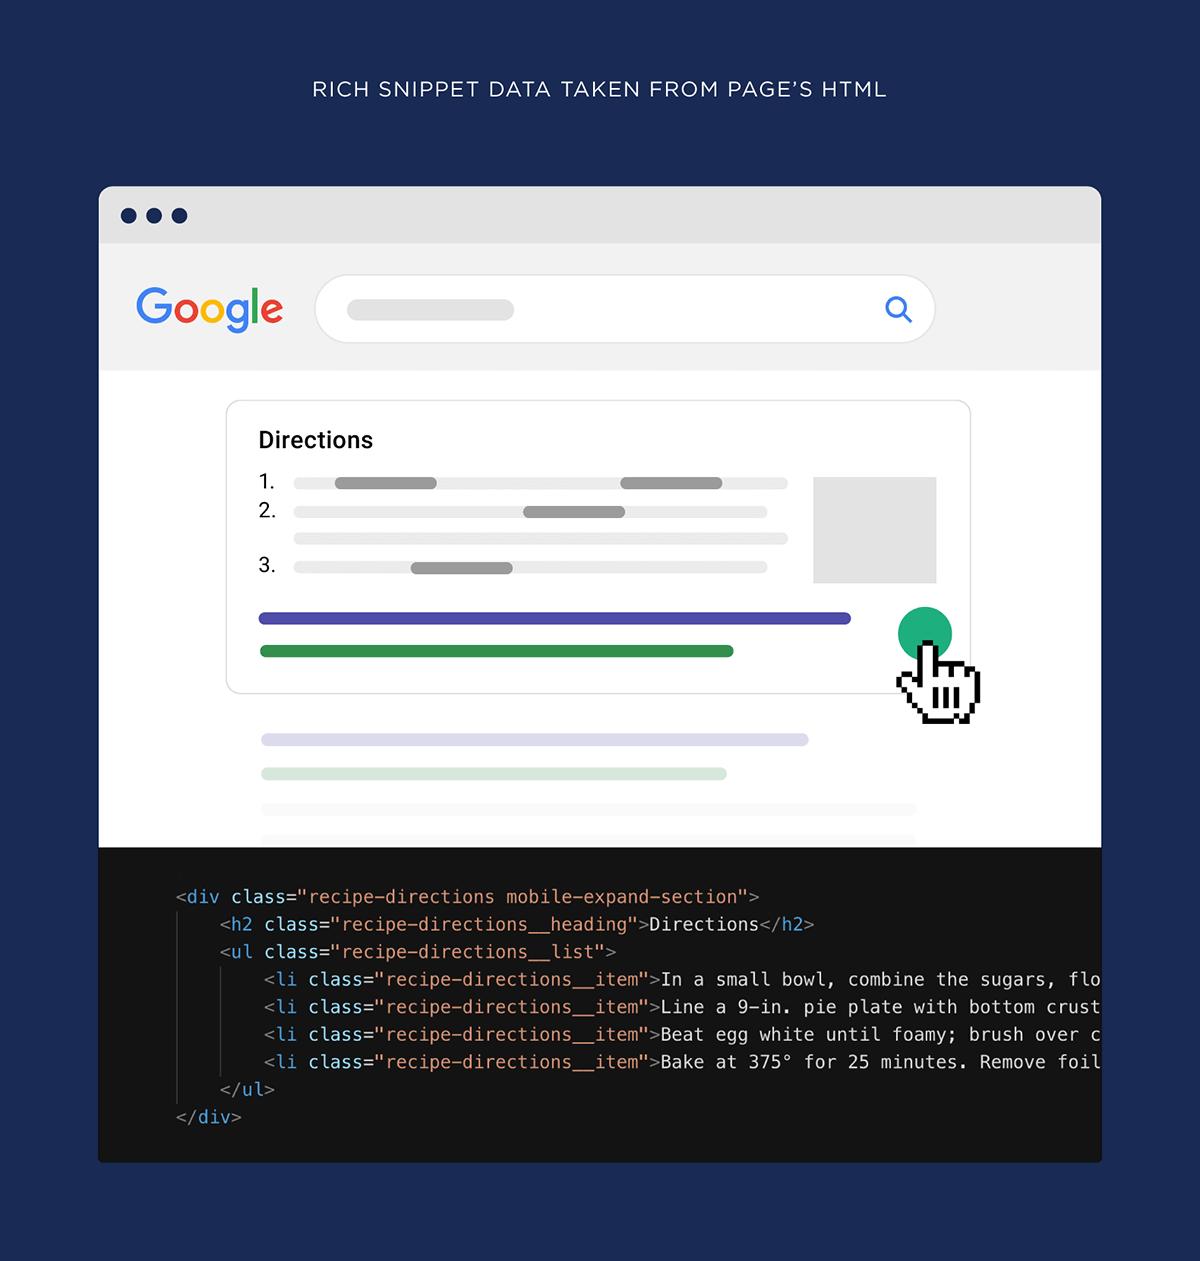 Dados de rich snippet retirados do HTML da página